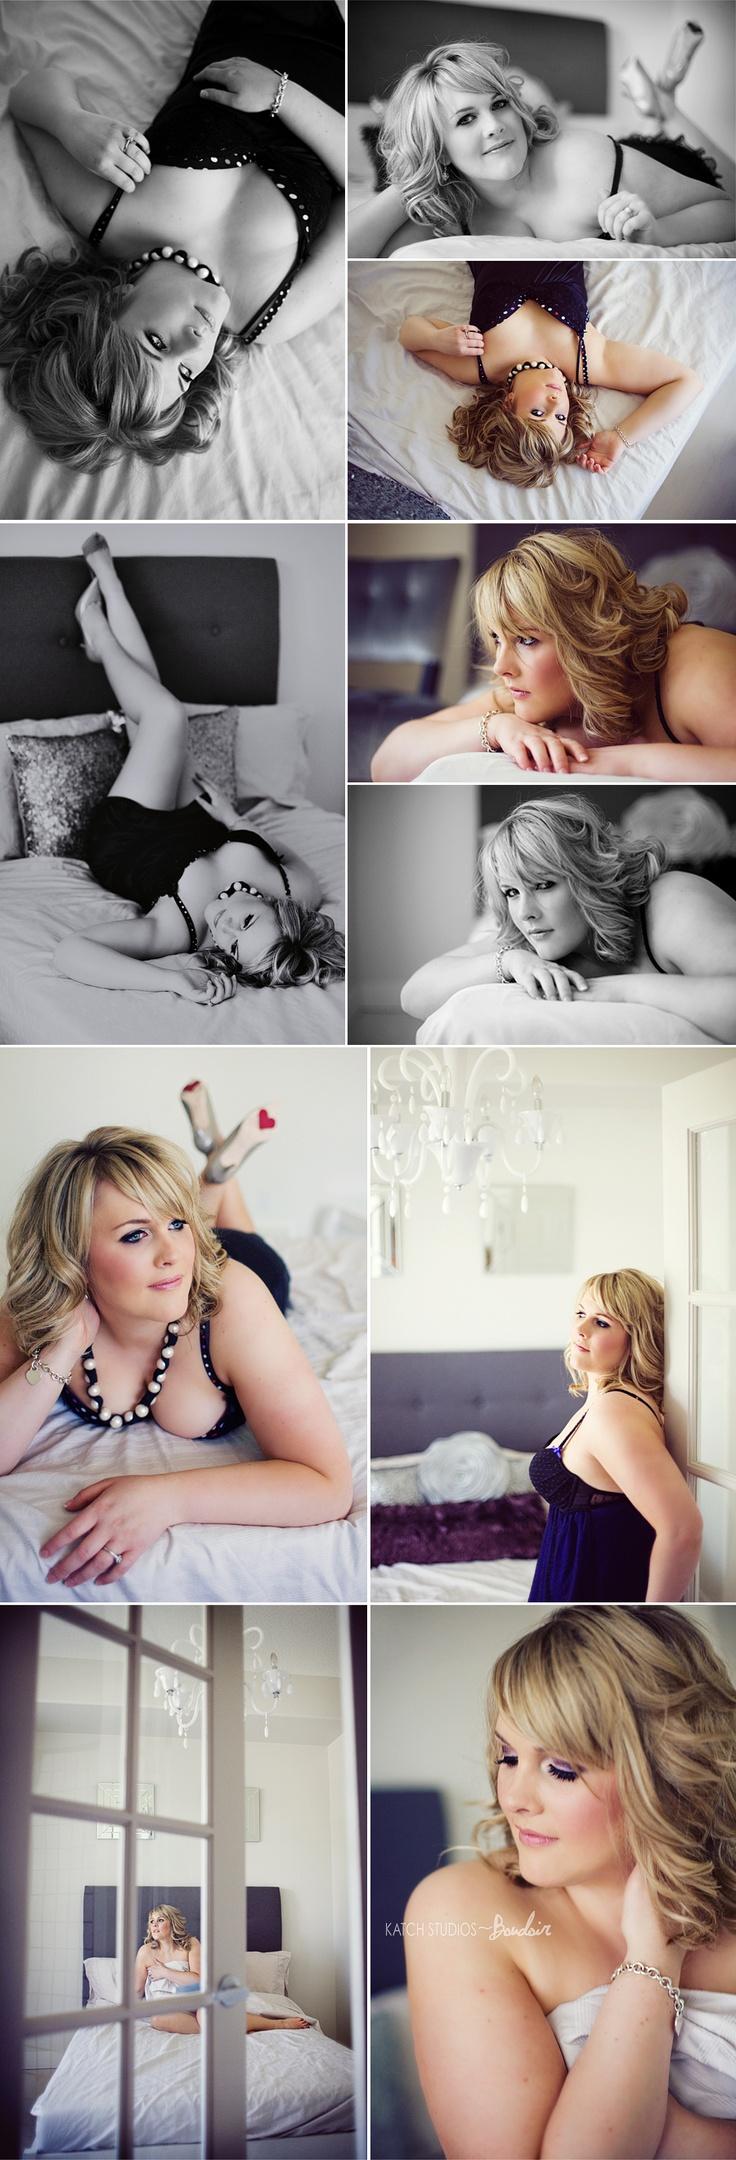 Boudoir Photos / Pictures / Shoot - Sexy and a bit subtle